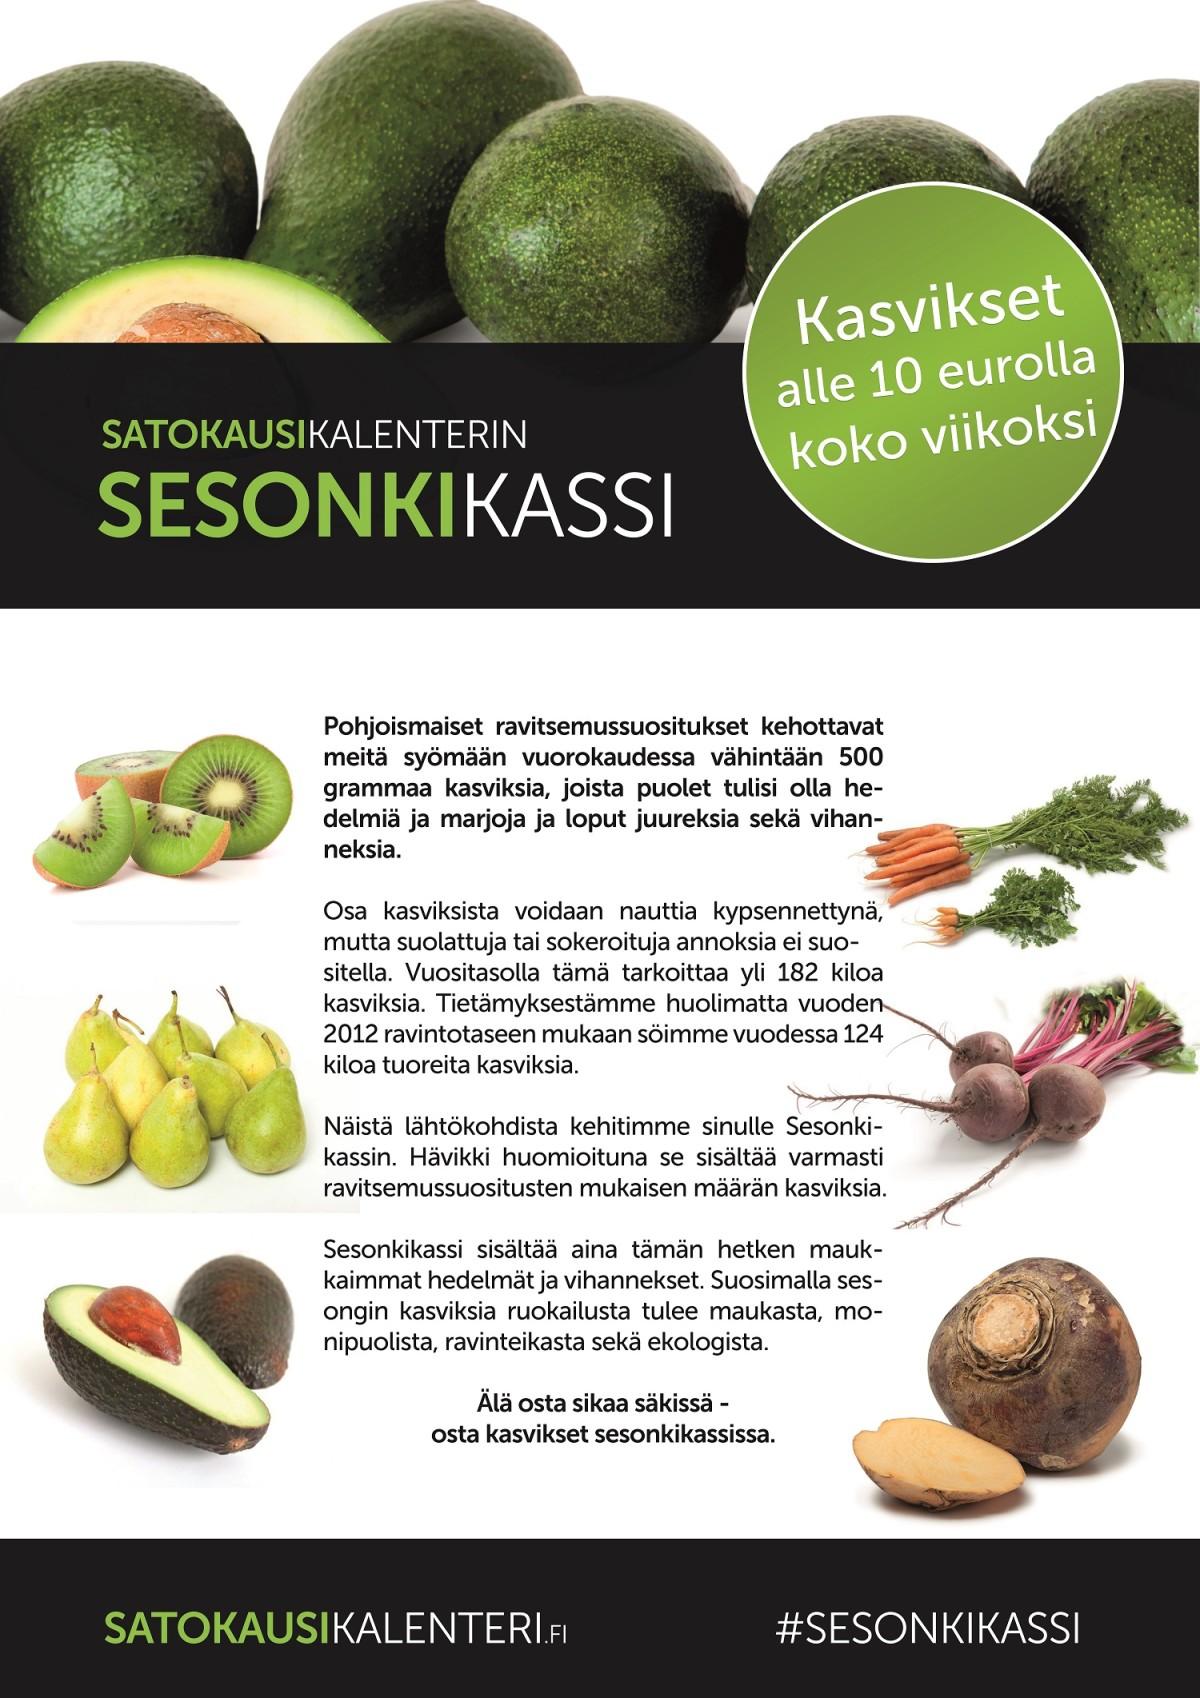 K-Supermarket Postitalon Sesonkikassin sisältö 29.5.2015